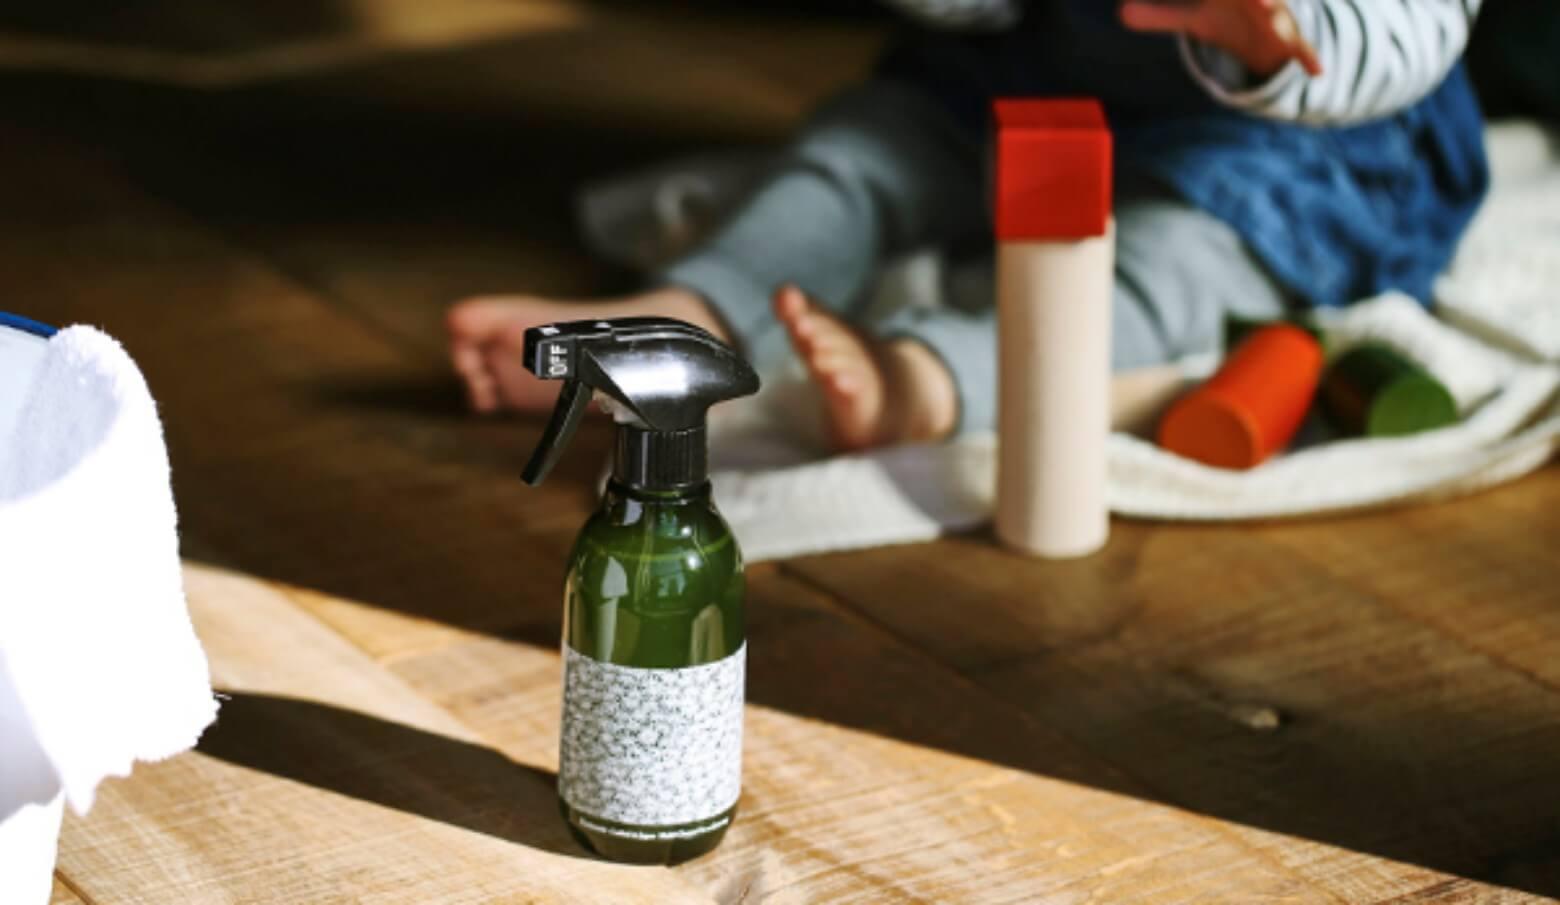 洗浄成分はヤシ油由来のみだから、手肌にも優しい。